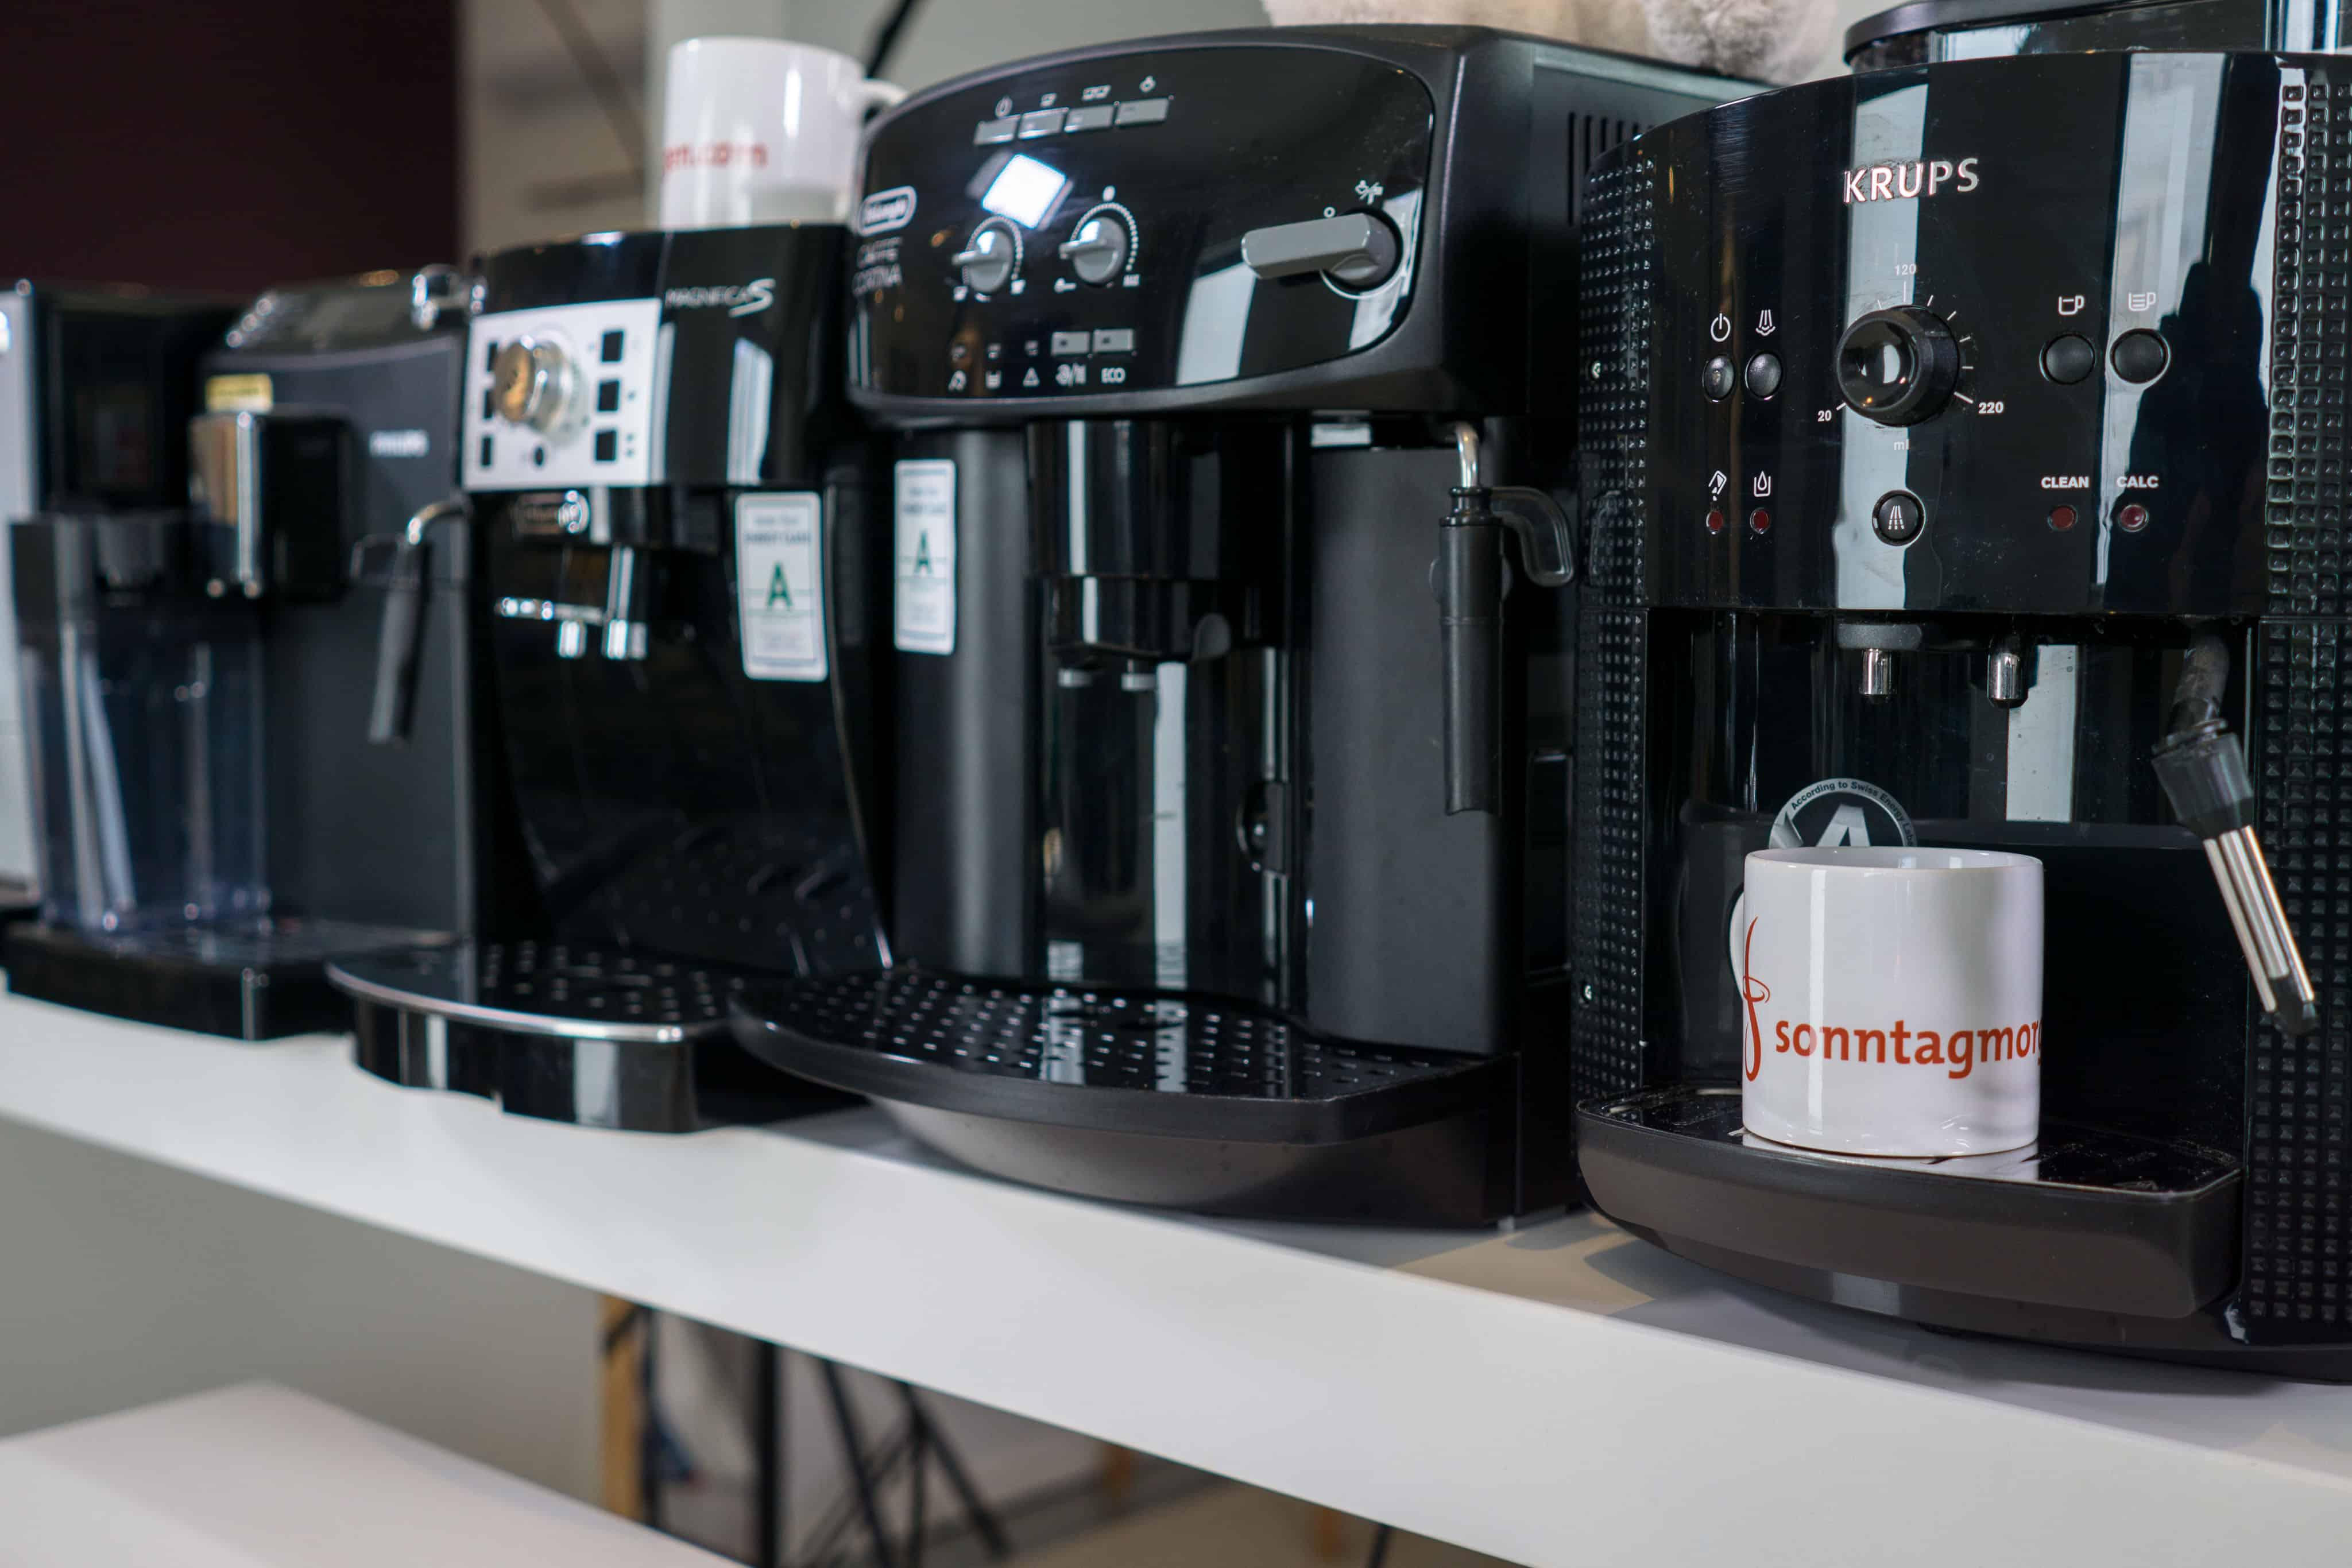 Kaffeevollautomat für Firmen 2020: So finden Sie das passende Modell